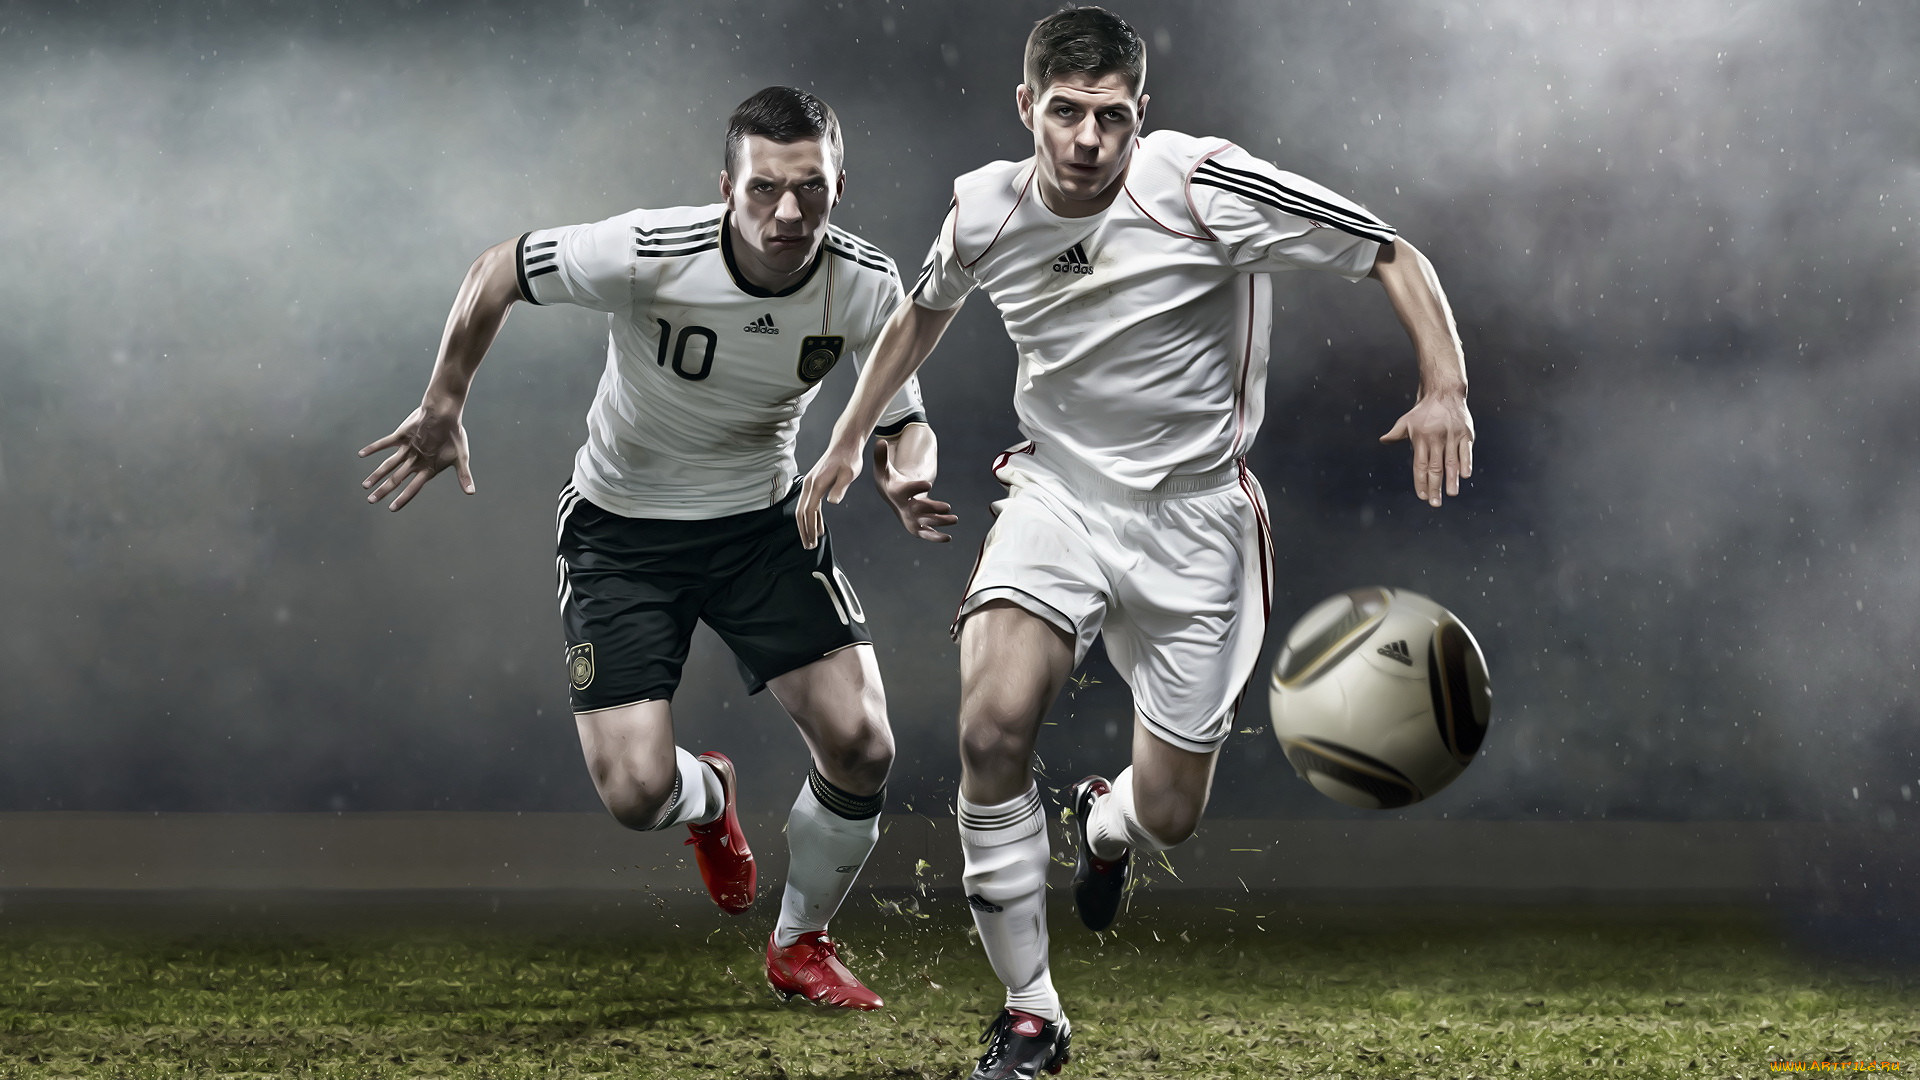 стайная птица, фото обои для рабочего стола футбол неприятный